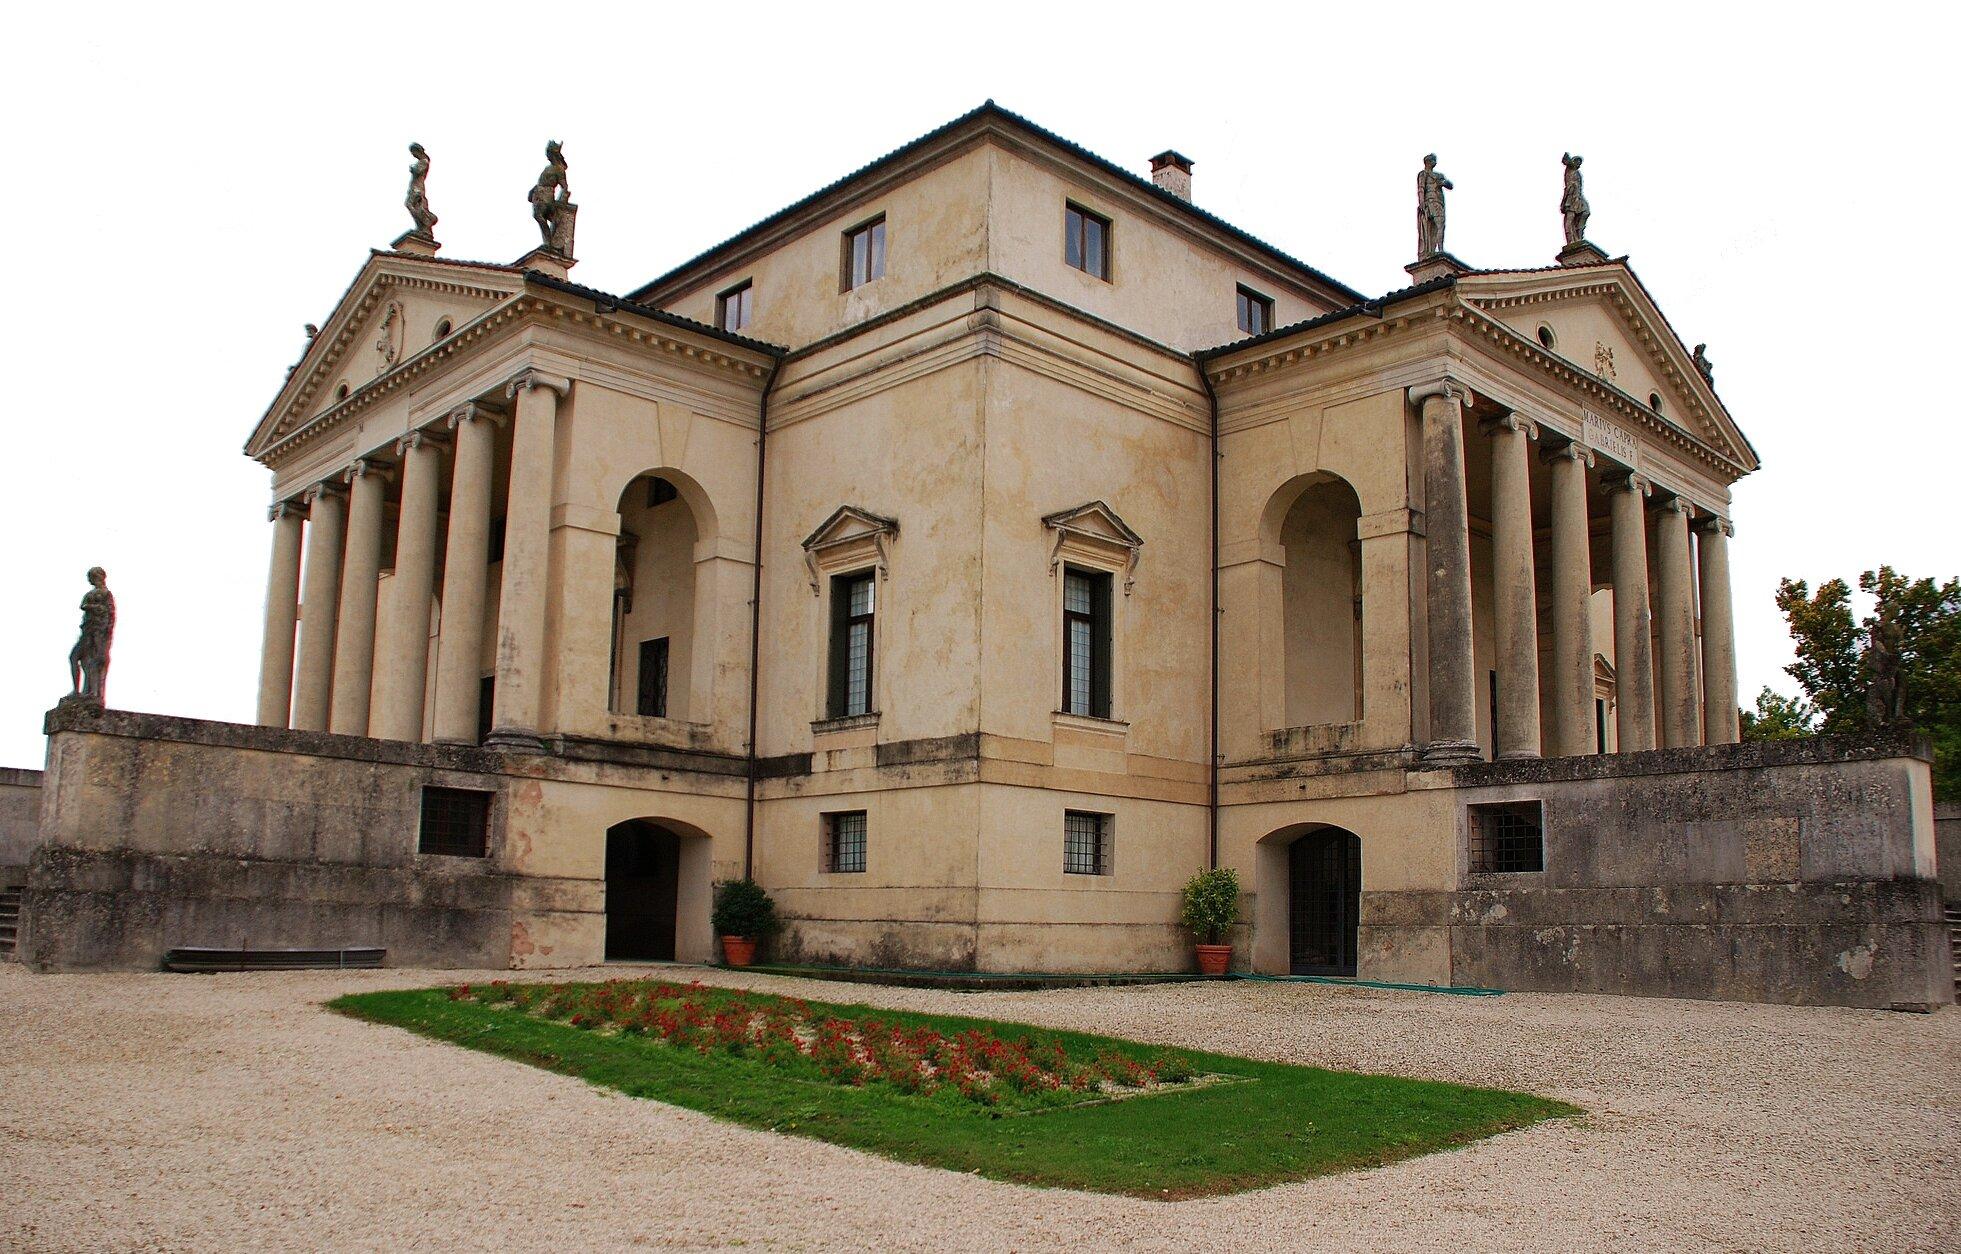 Villa Capra (Villa Rotonda) Źródło: Andrea Palladio, Villa Capra (Villa Rotonda), ok. 1566–1585, domena publiczna.